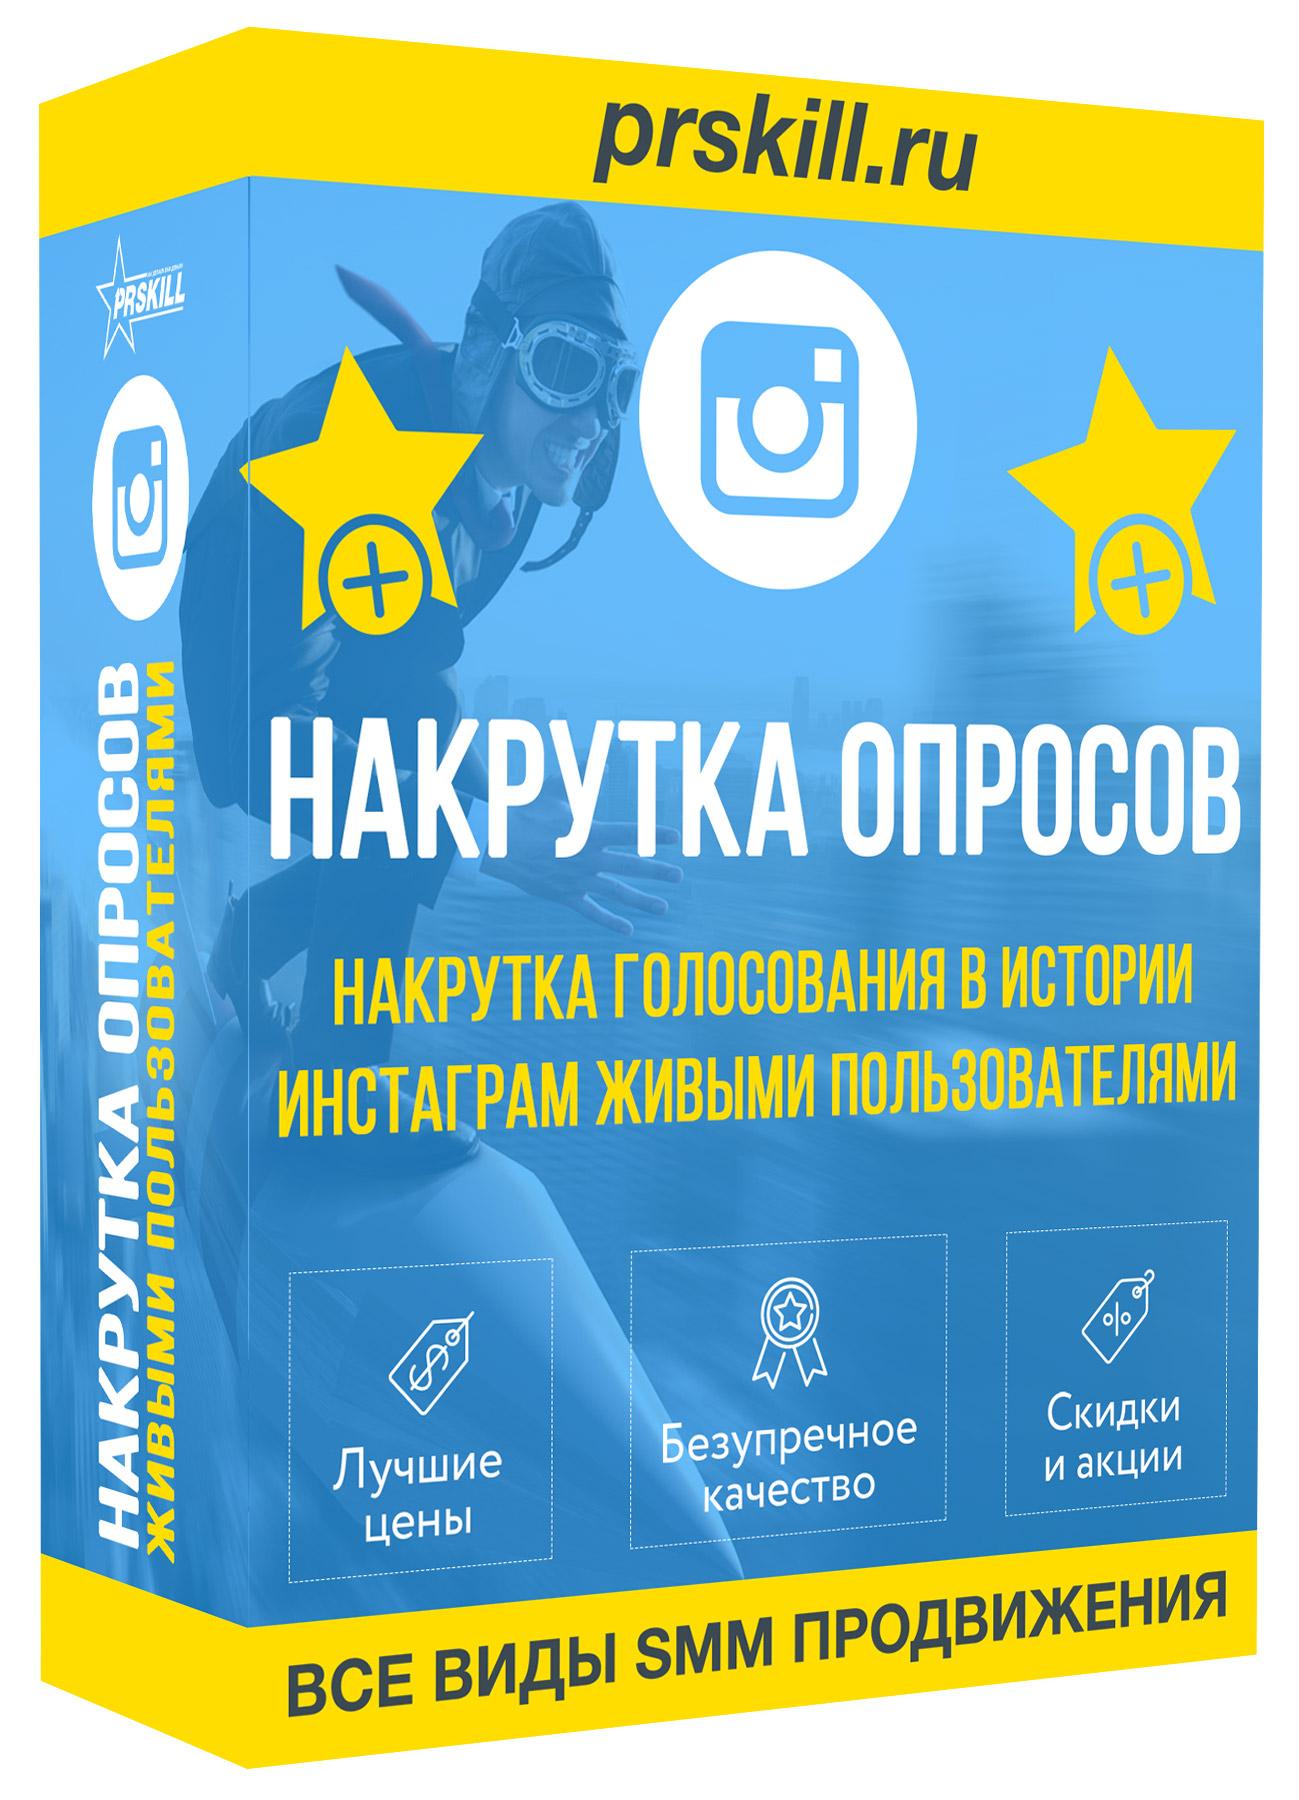 Зачем и как накручивать голоса в вконтакте? как собирать количество голосов в вк платно и бесплатно: советы, риски накрутки голосов